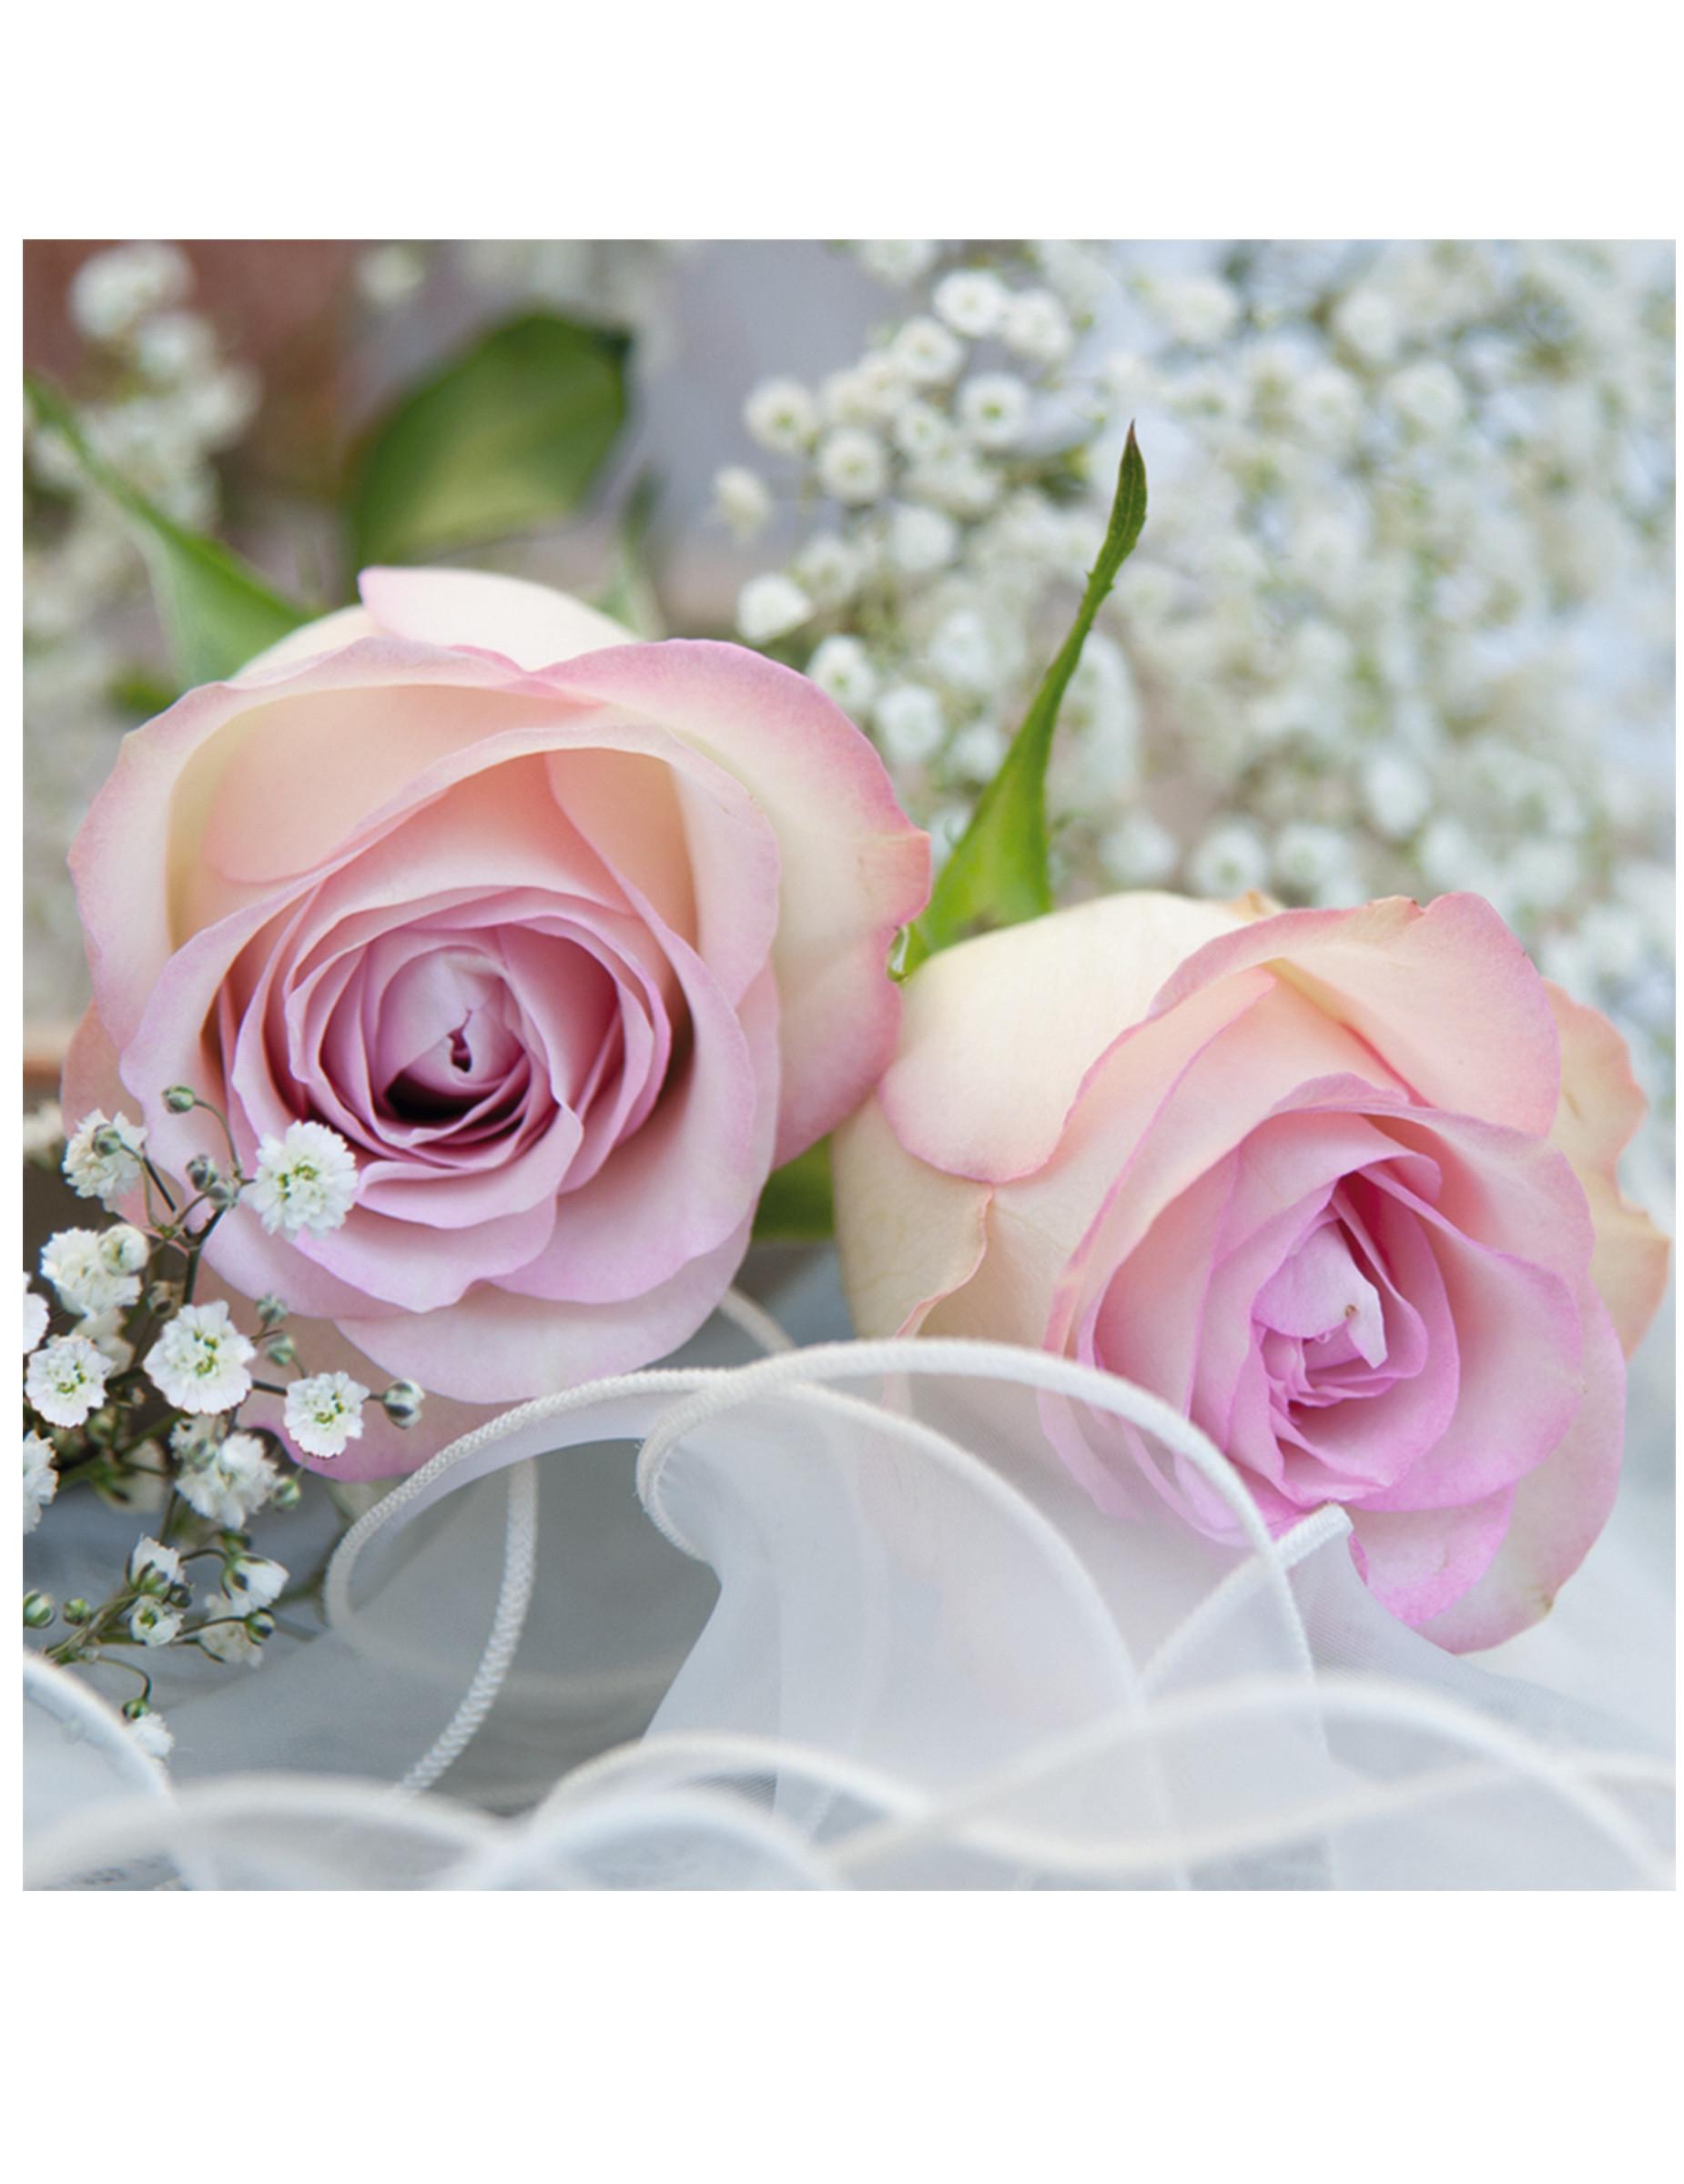 20 serviettes en papier roses romantiques 33 x 33 cm d coration anniversaire et f tes th me. Black Bedroom Furniture Sets. Home Design Ideas